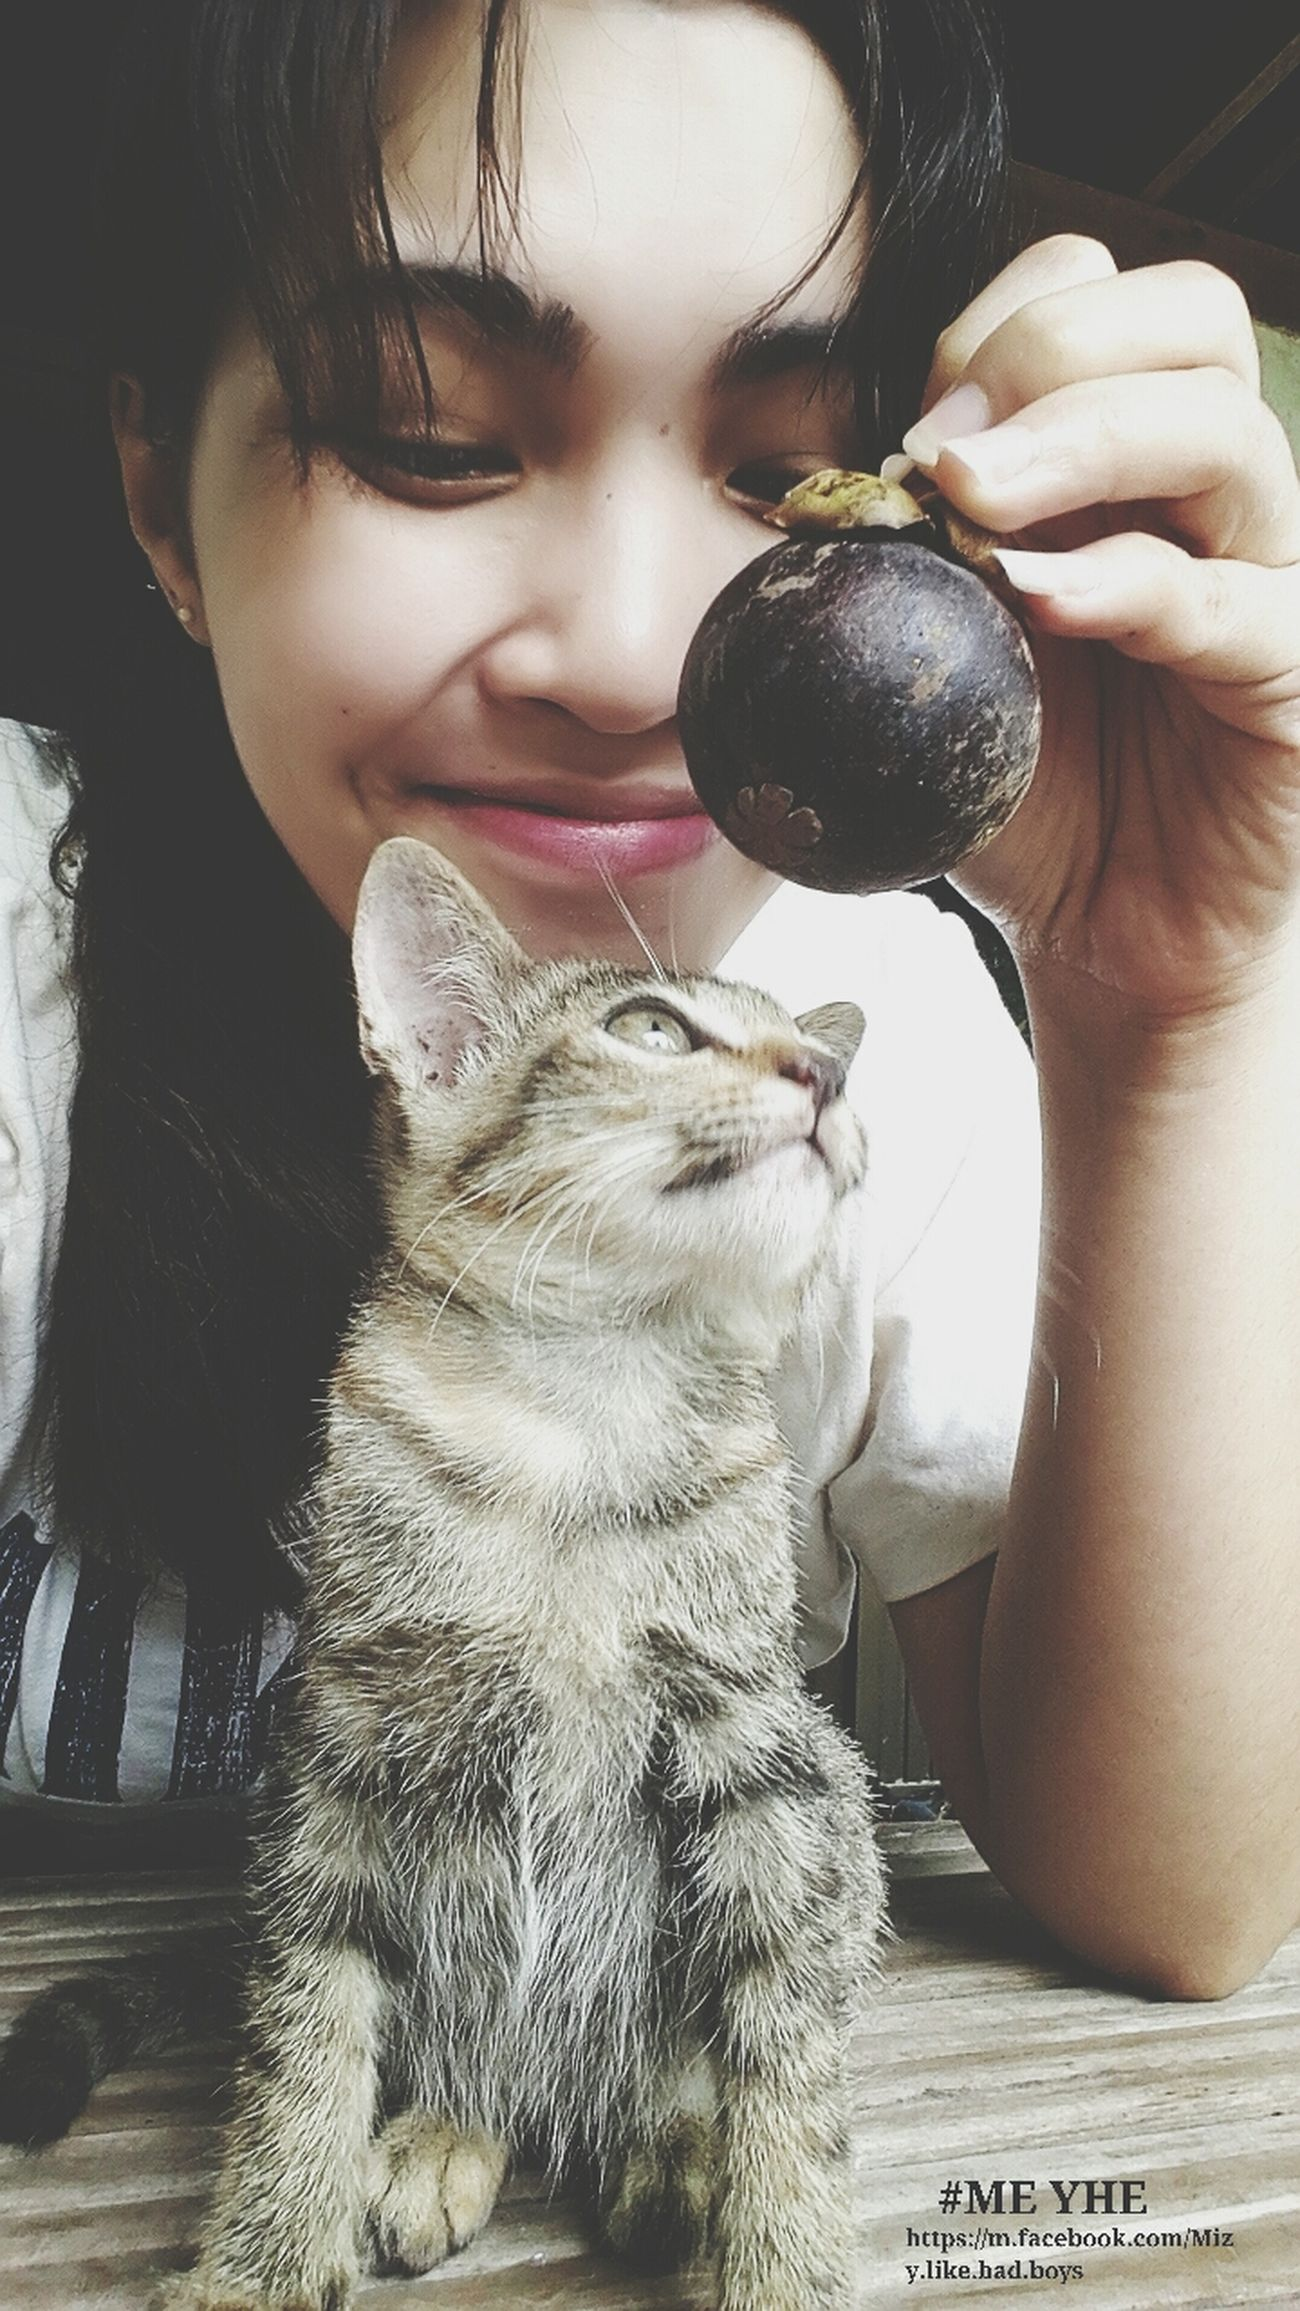 Relaxing Cat♡ My Little Cat☺ Hello World #มังคุดกันไหม #กินมังคุดมะคะ #อาคั่ว #ข้าวคั่วน้อยๆ #คิดถึงจังนั่งซึม ?????????????? #แงๆๆๆ